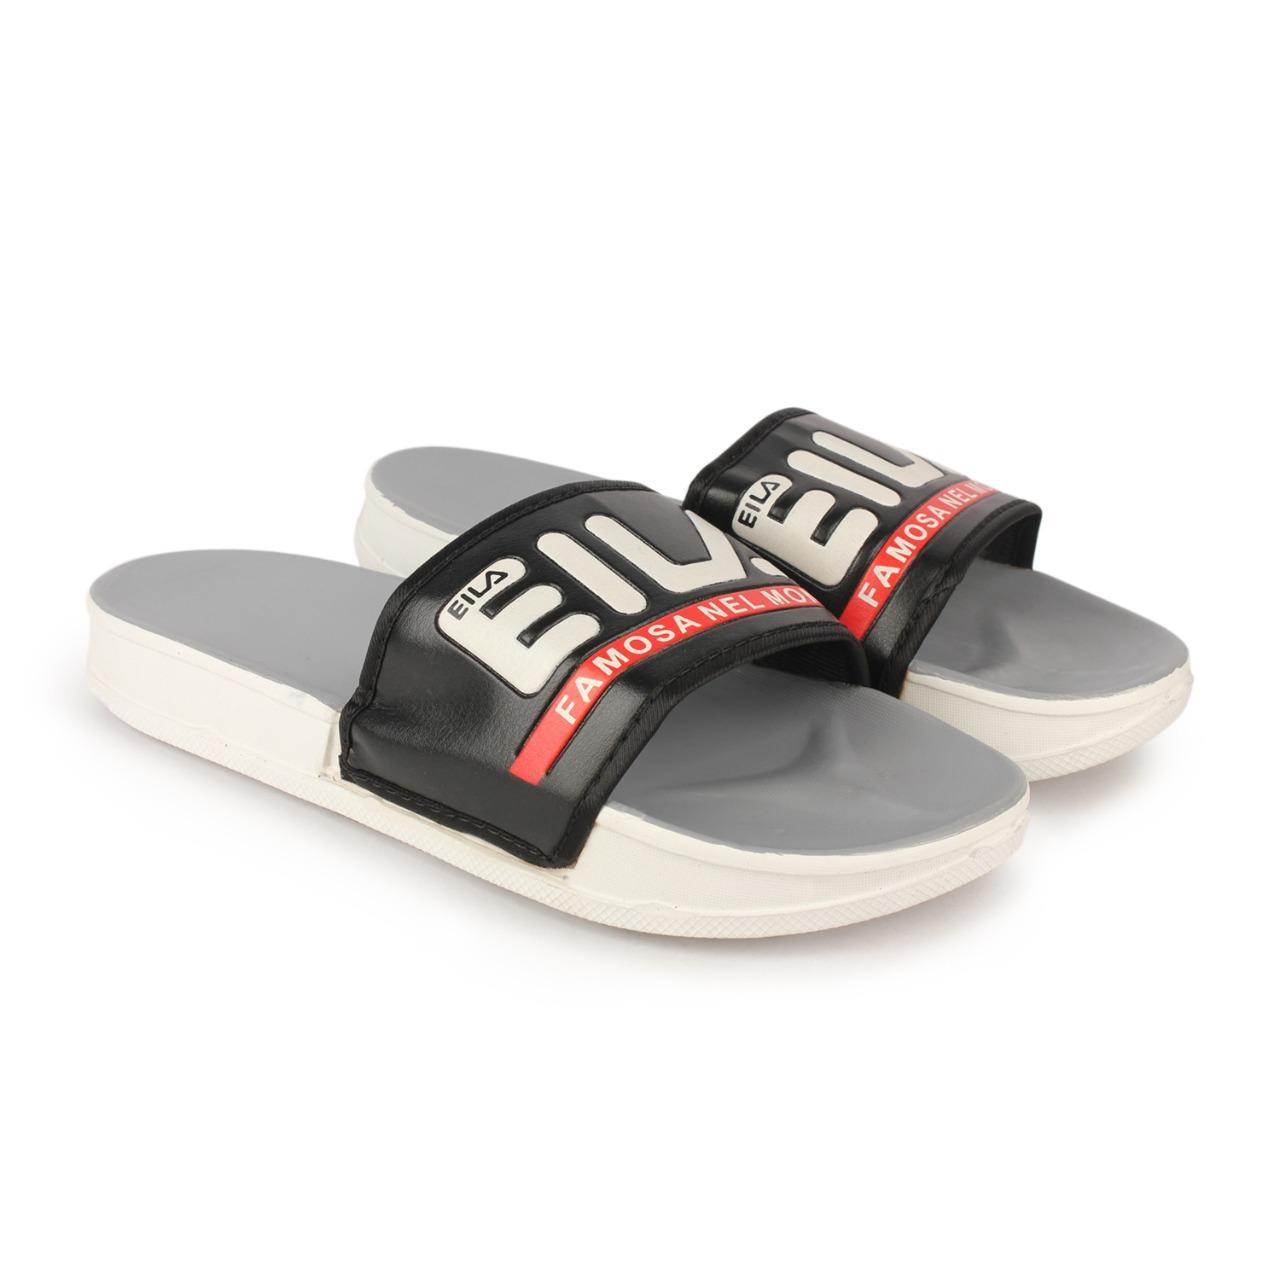 RNT | RNT Eila Grey Black Slipper for Men